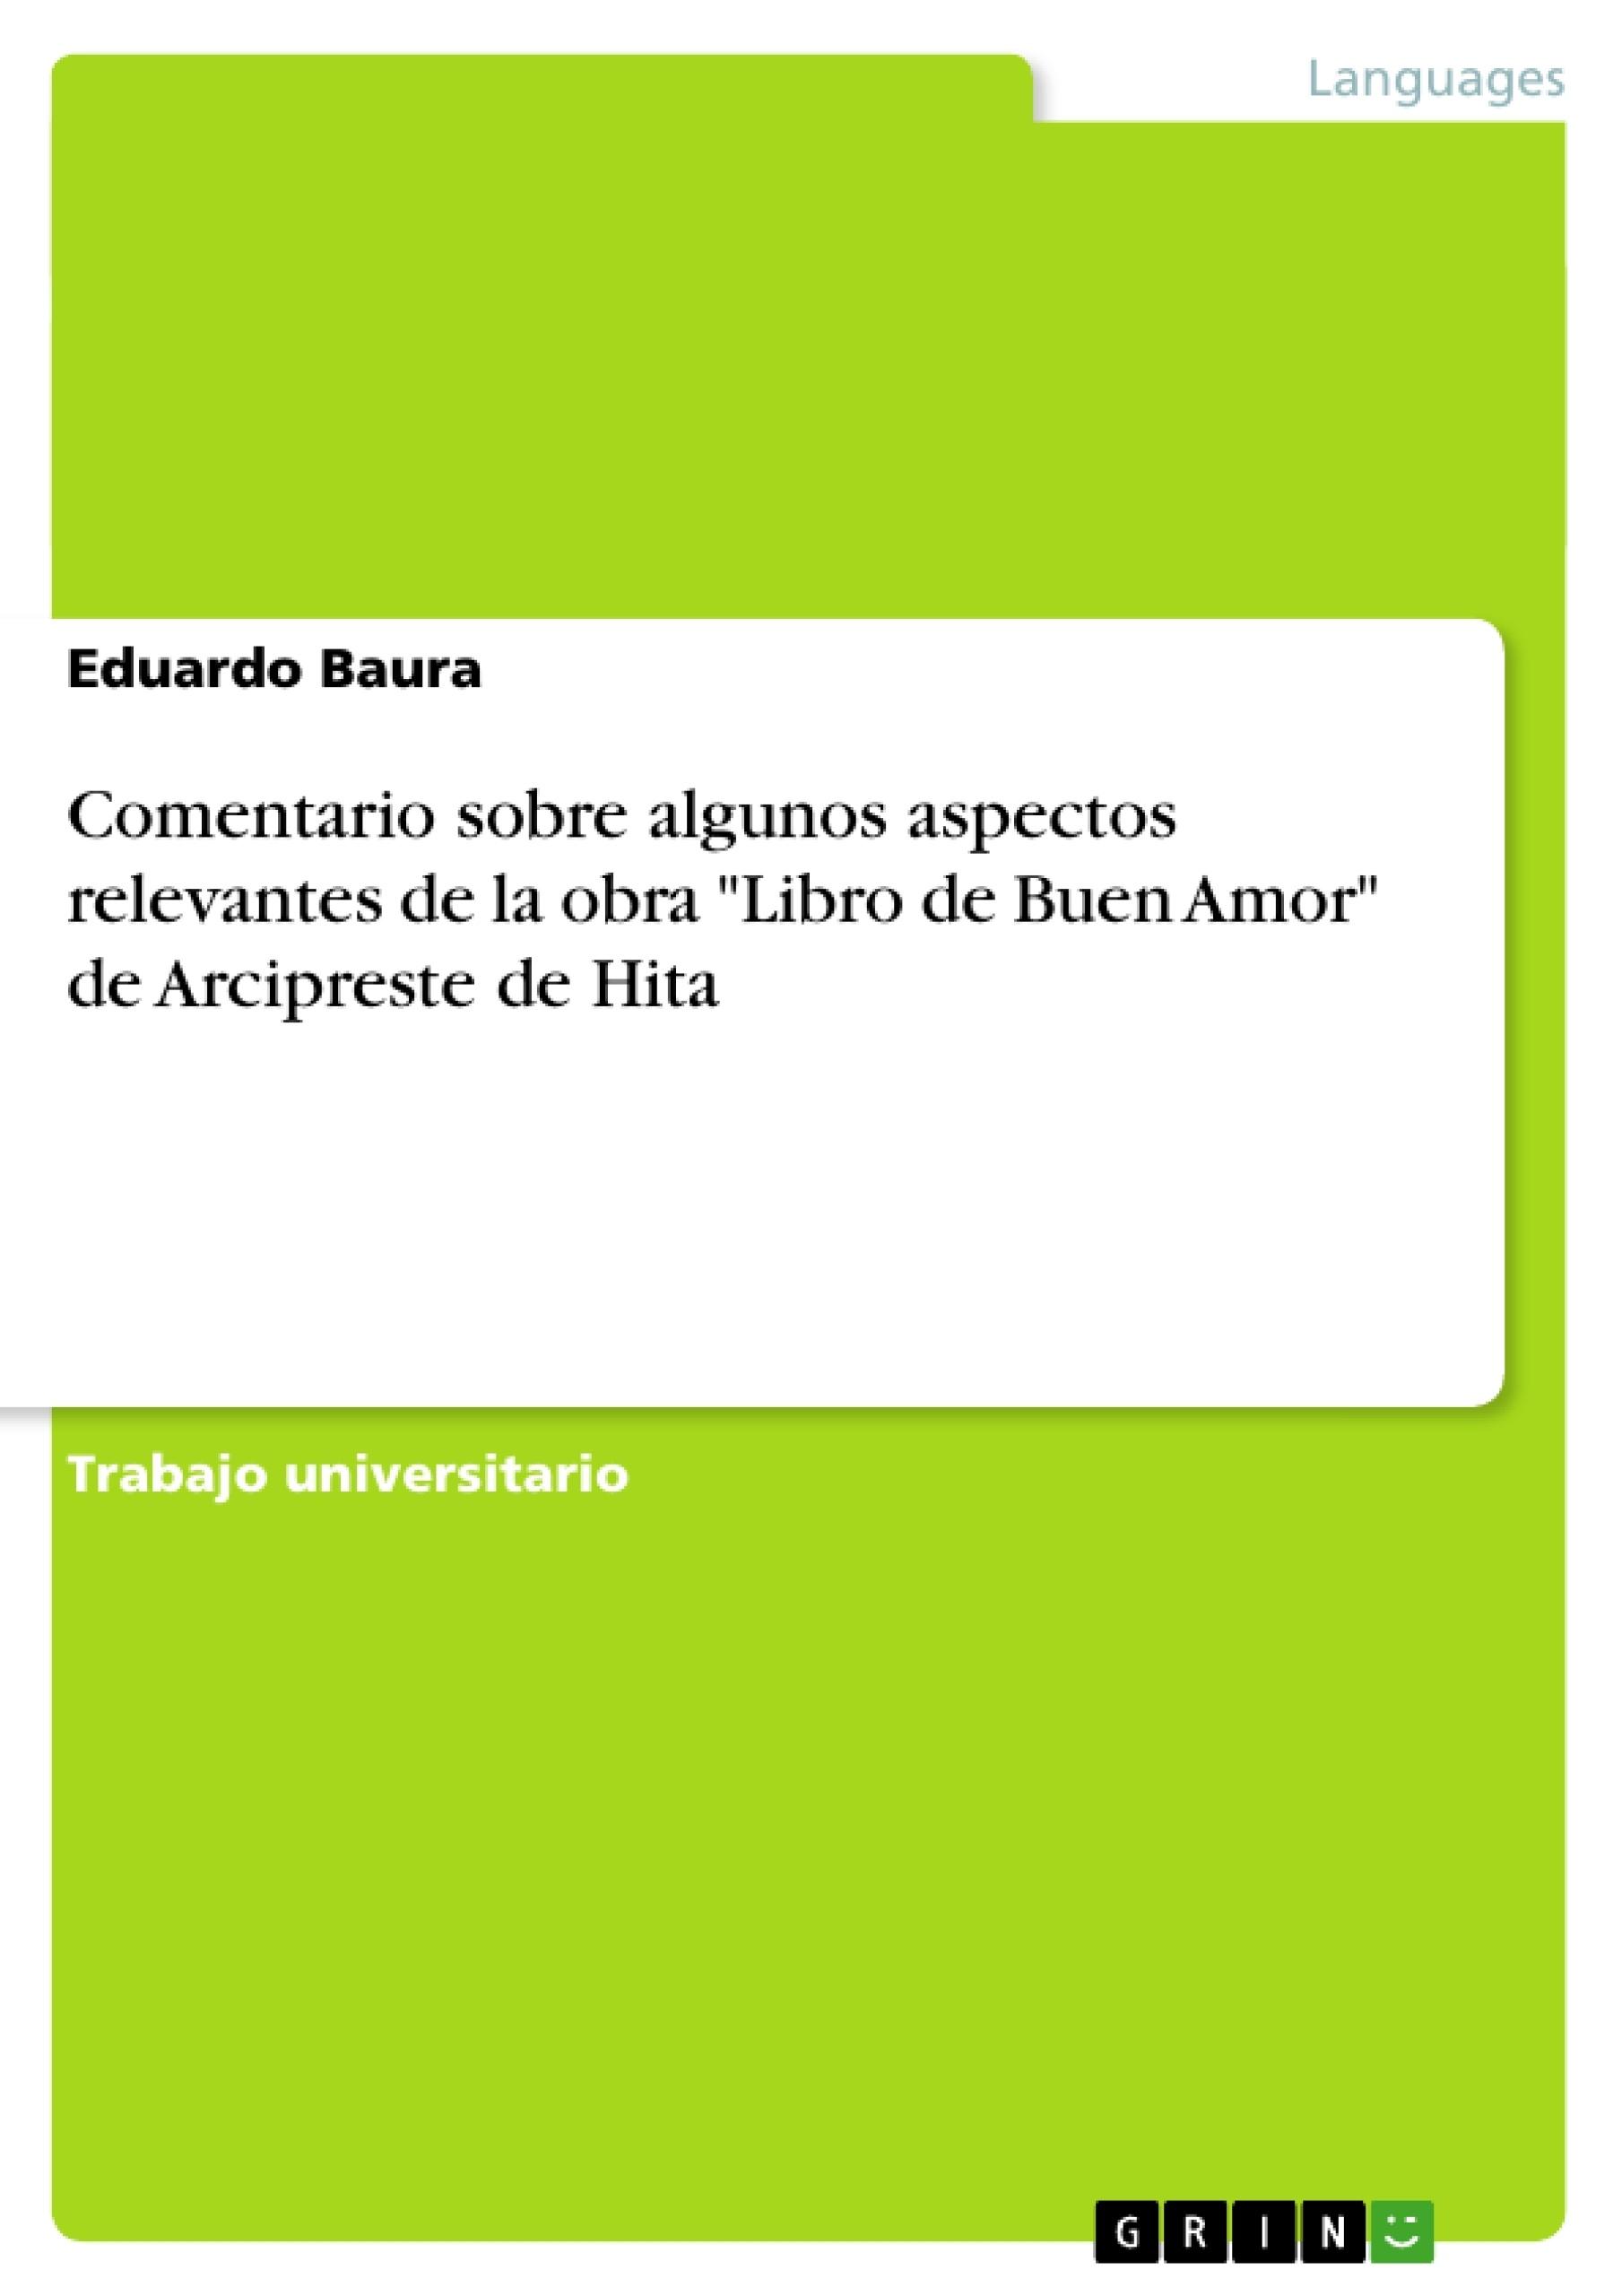 """Título: Comentario sobre algunos aspectos relevantes de la obra """"Libro de Buen Amor"""" de Arcipreste de Hita"""